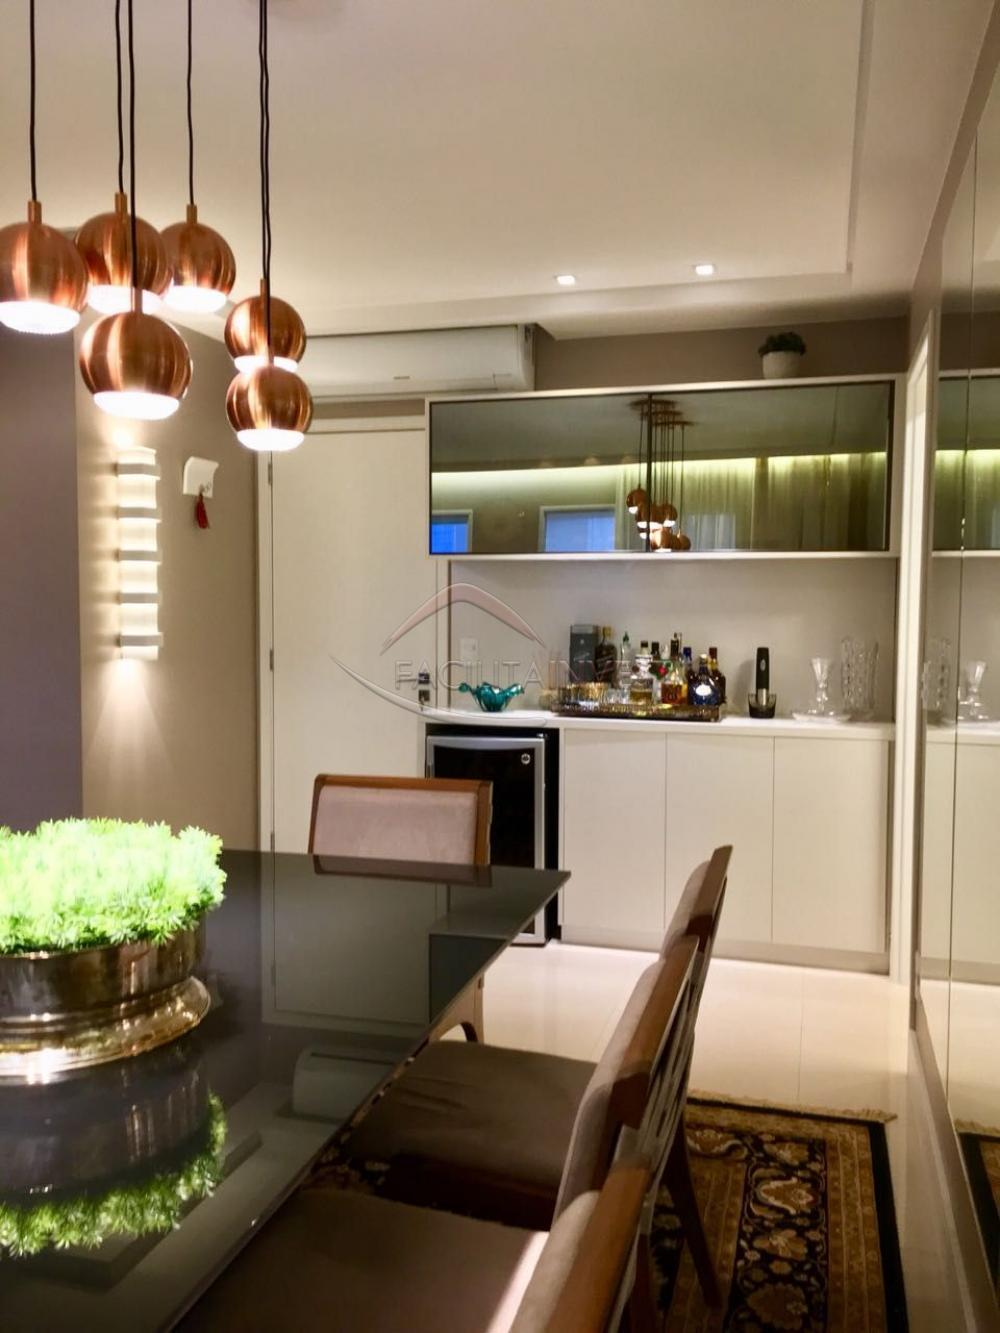 Alugar Apartamentos / Apartamento Mobiliado em Ribeirão Preto apenas R$ 6.000,00 - Foto 7